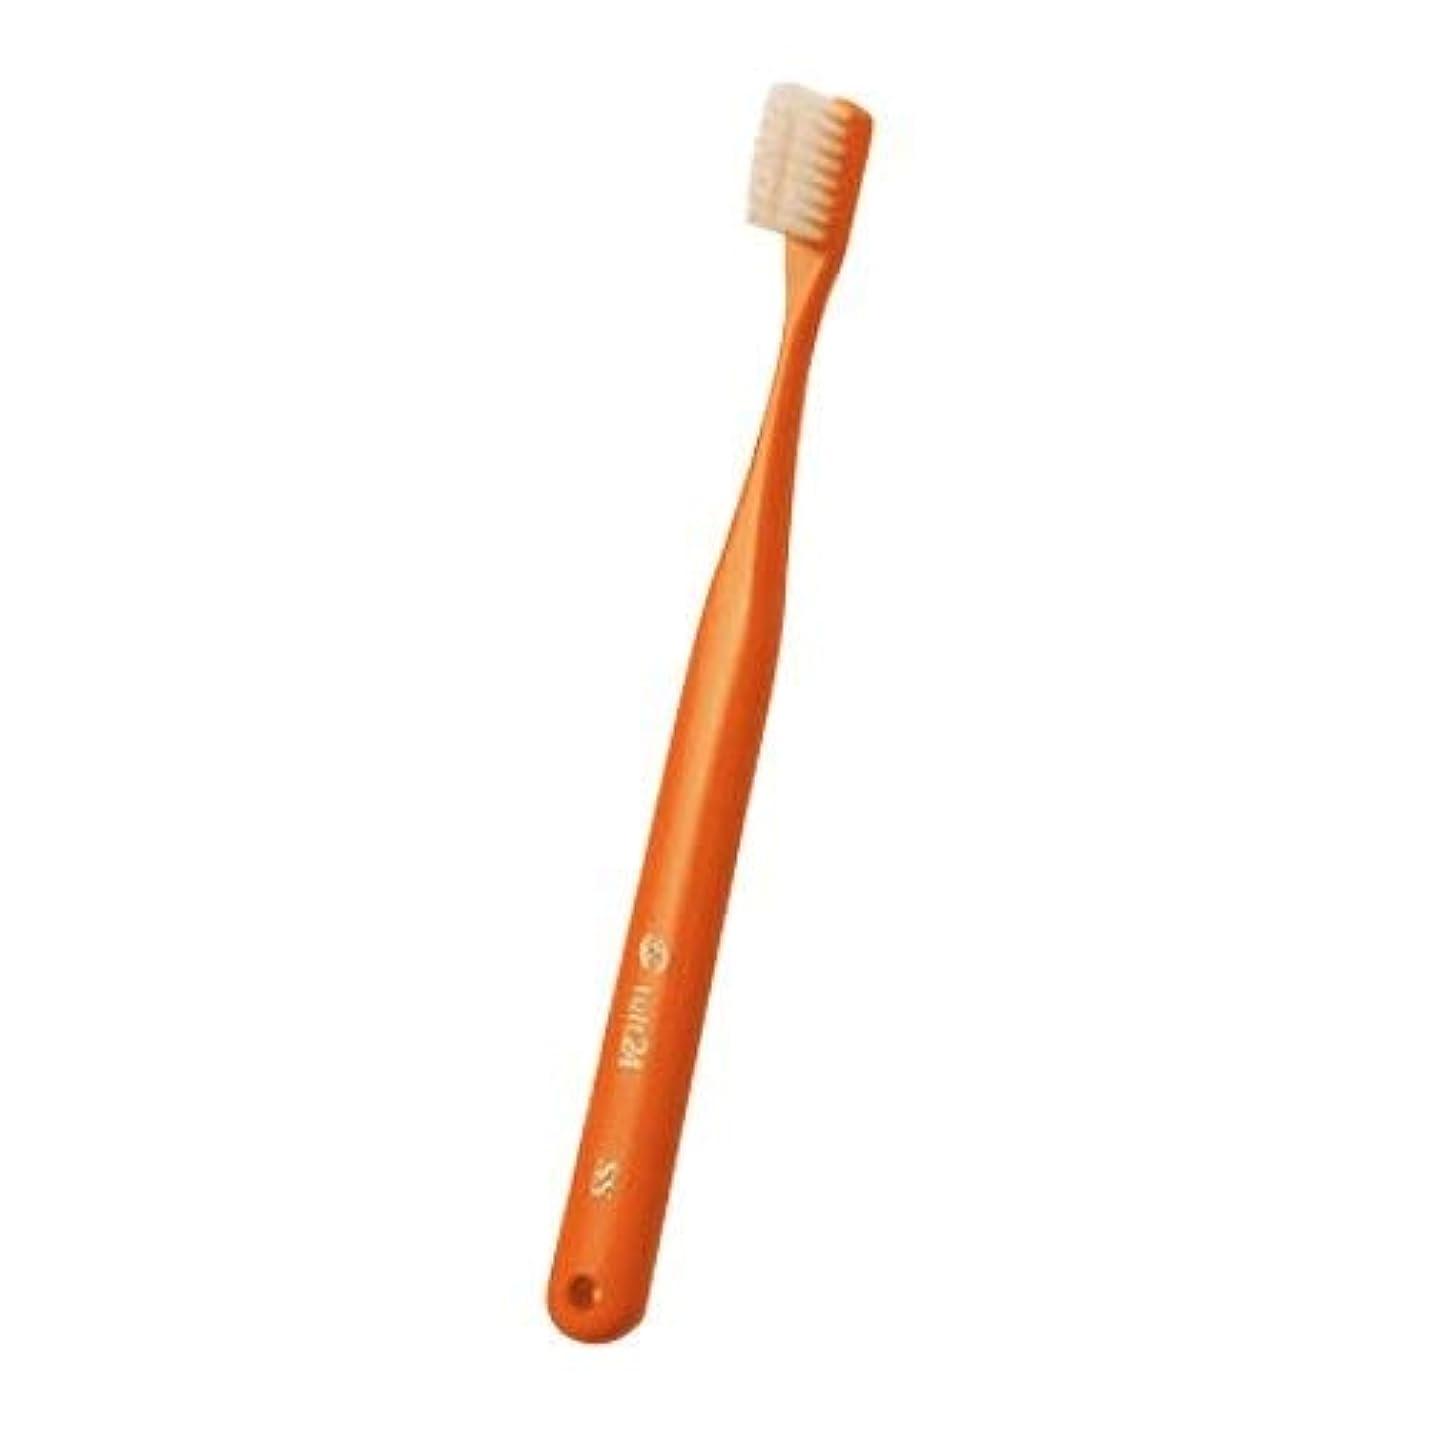 減らす効果期待オーラルケア キャップ付き タフト 24 歯ブラシ スーパーソフト 1本 (オレンジ)